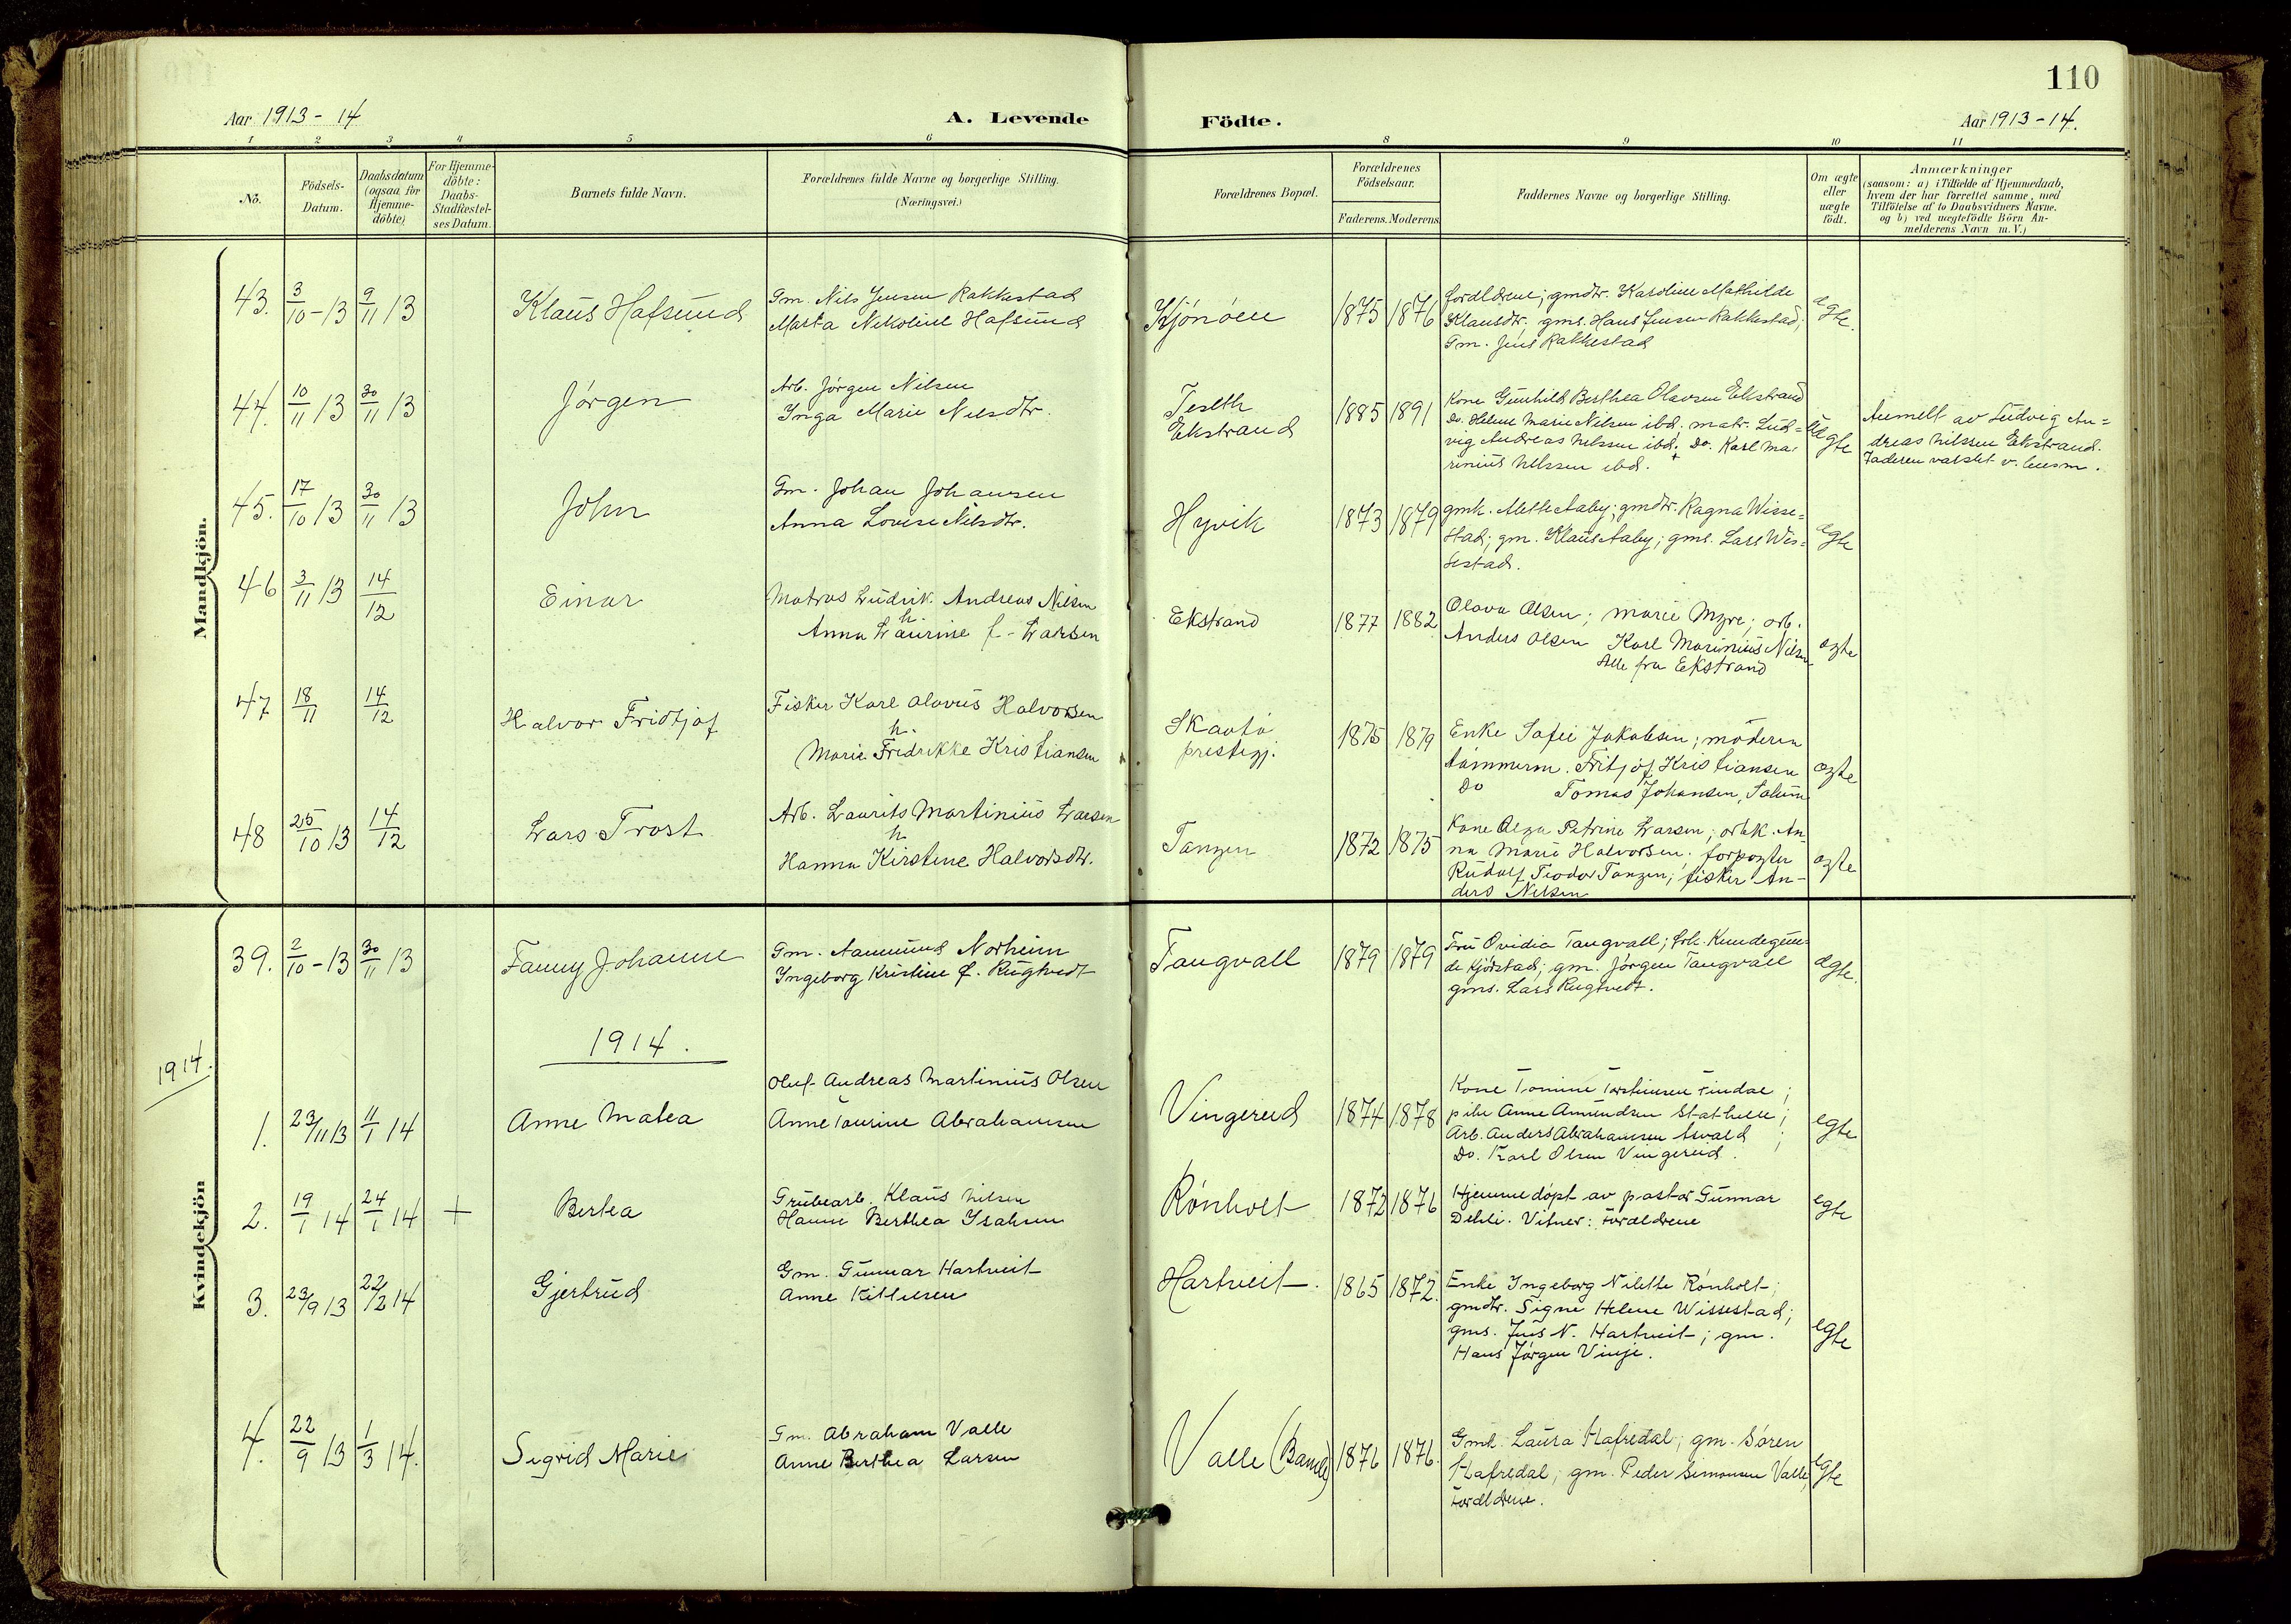 SAKO, Bamble kirkebøker, G/Ga/L0010: Klokkerbok nr. I 10, 1901-1919, s. 110